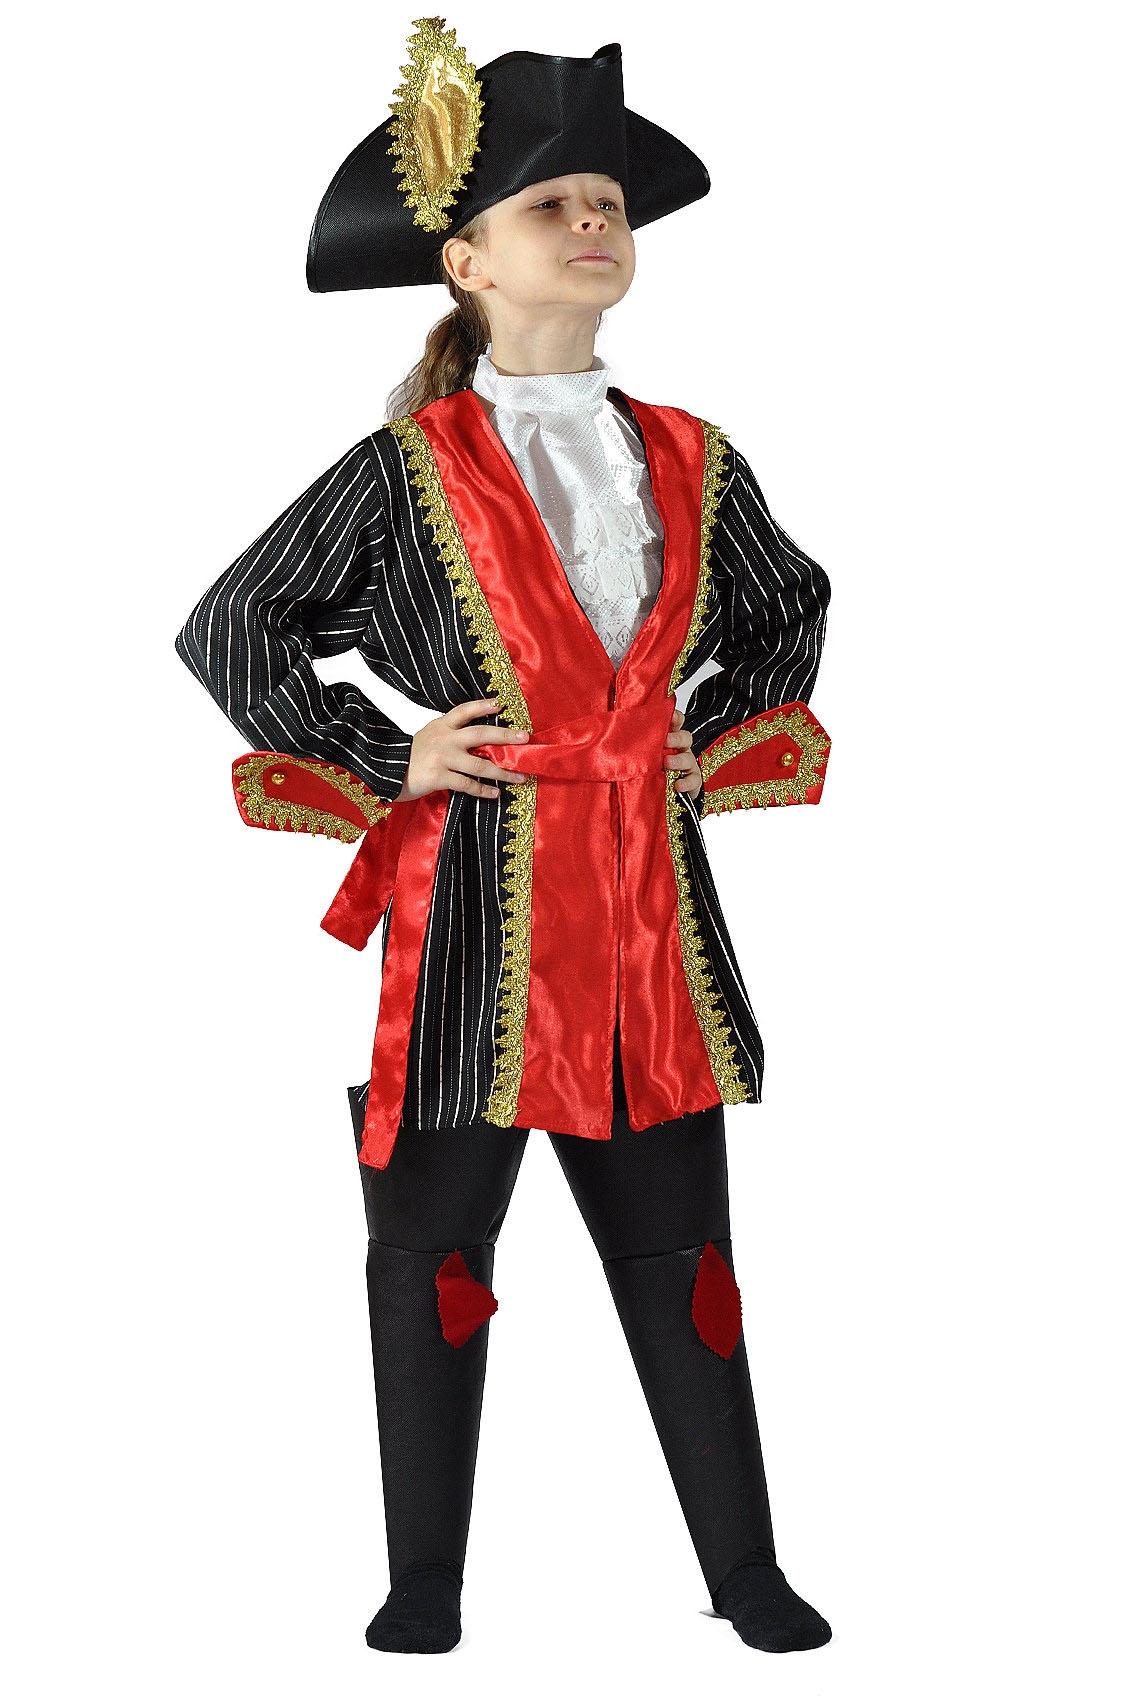 Детский костюм Атамана Пиратов (30) детский костюм озорного клоуна 34